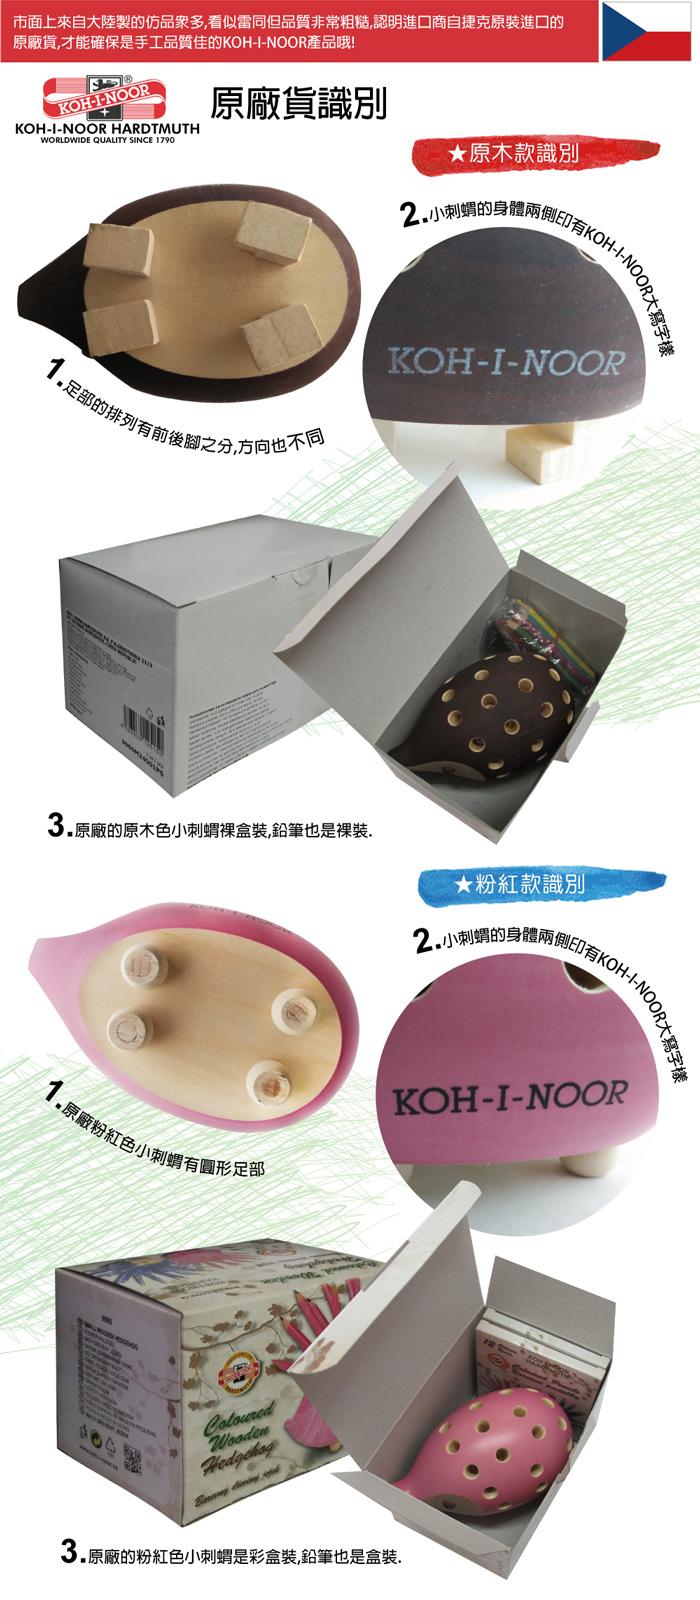 KOH-I-NOOR刺蝟筆假貨與山寨品識別,認明原廠商品